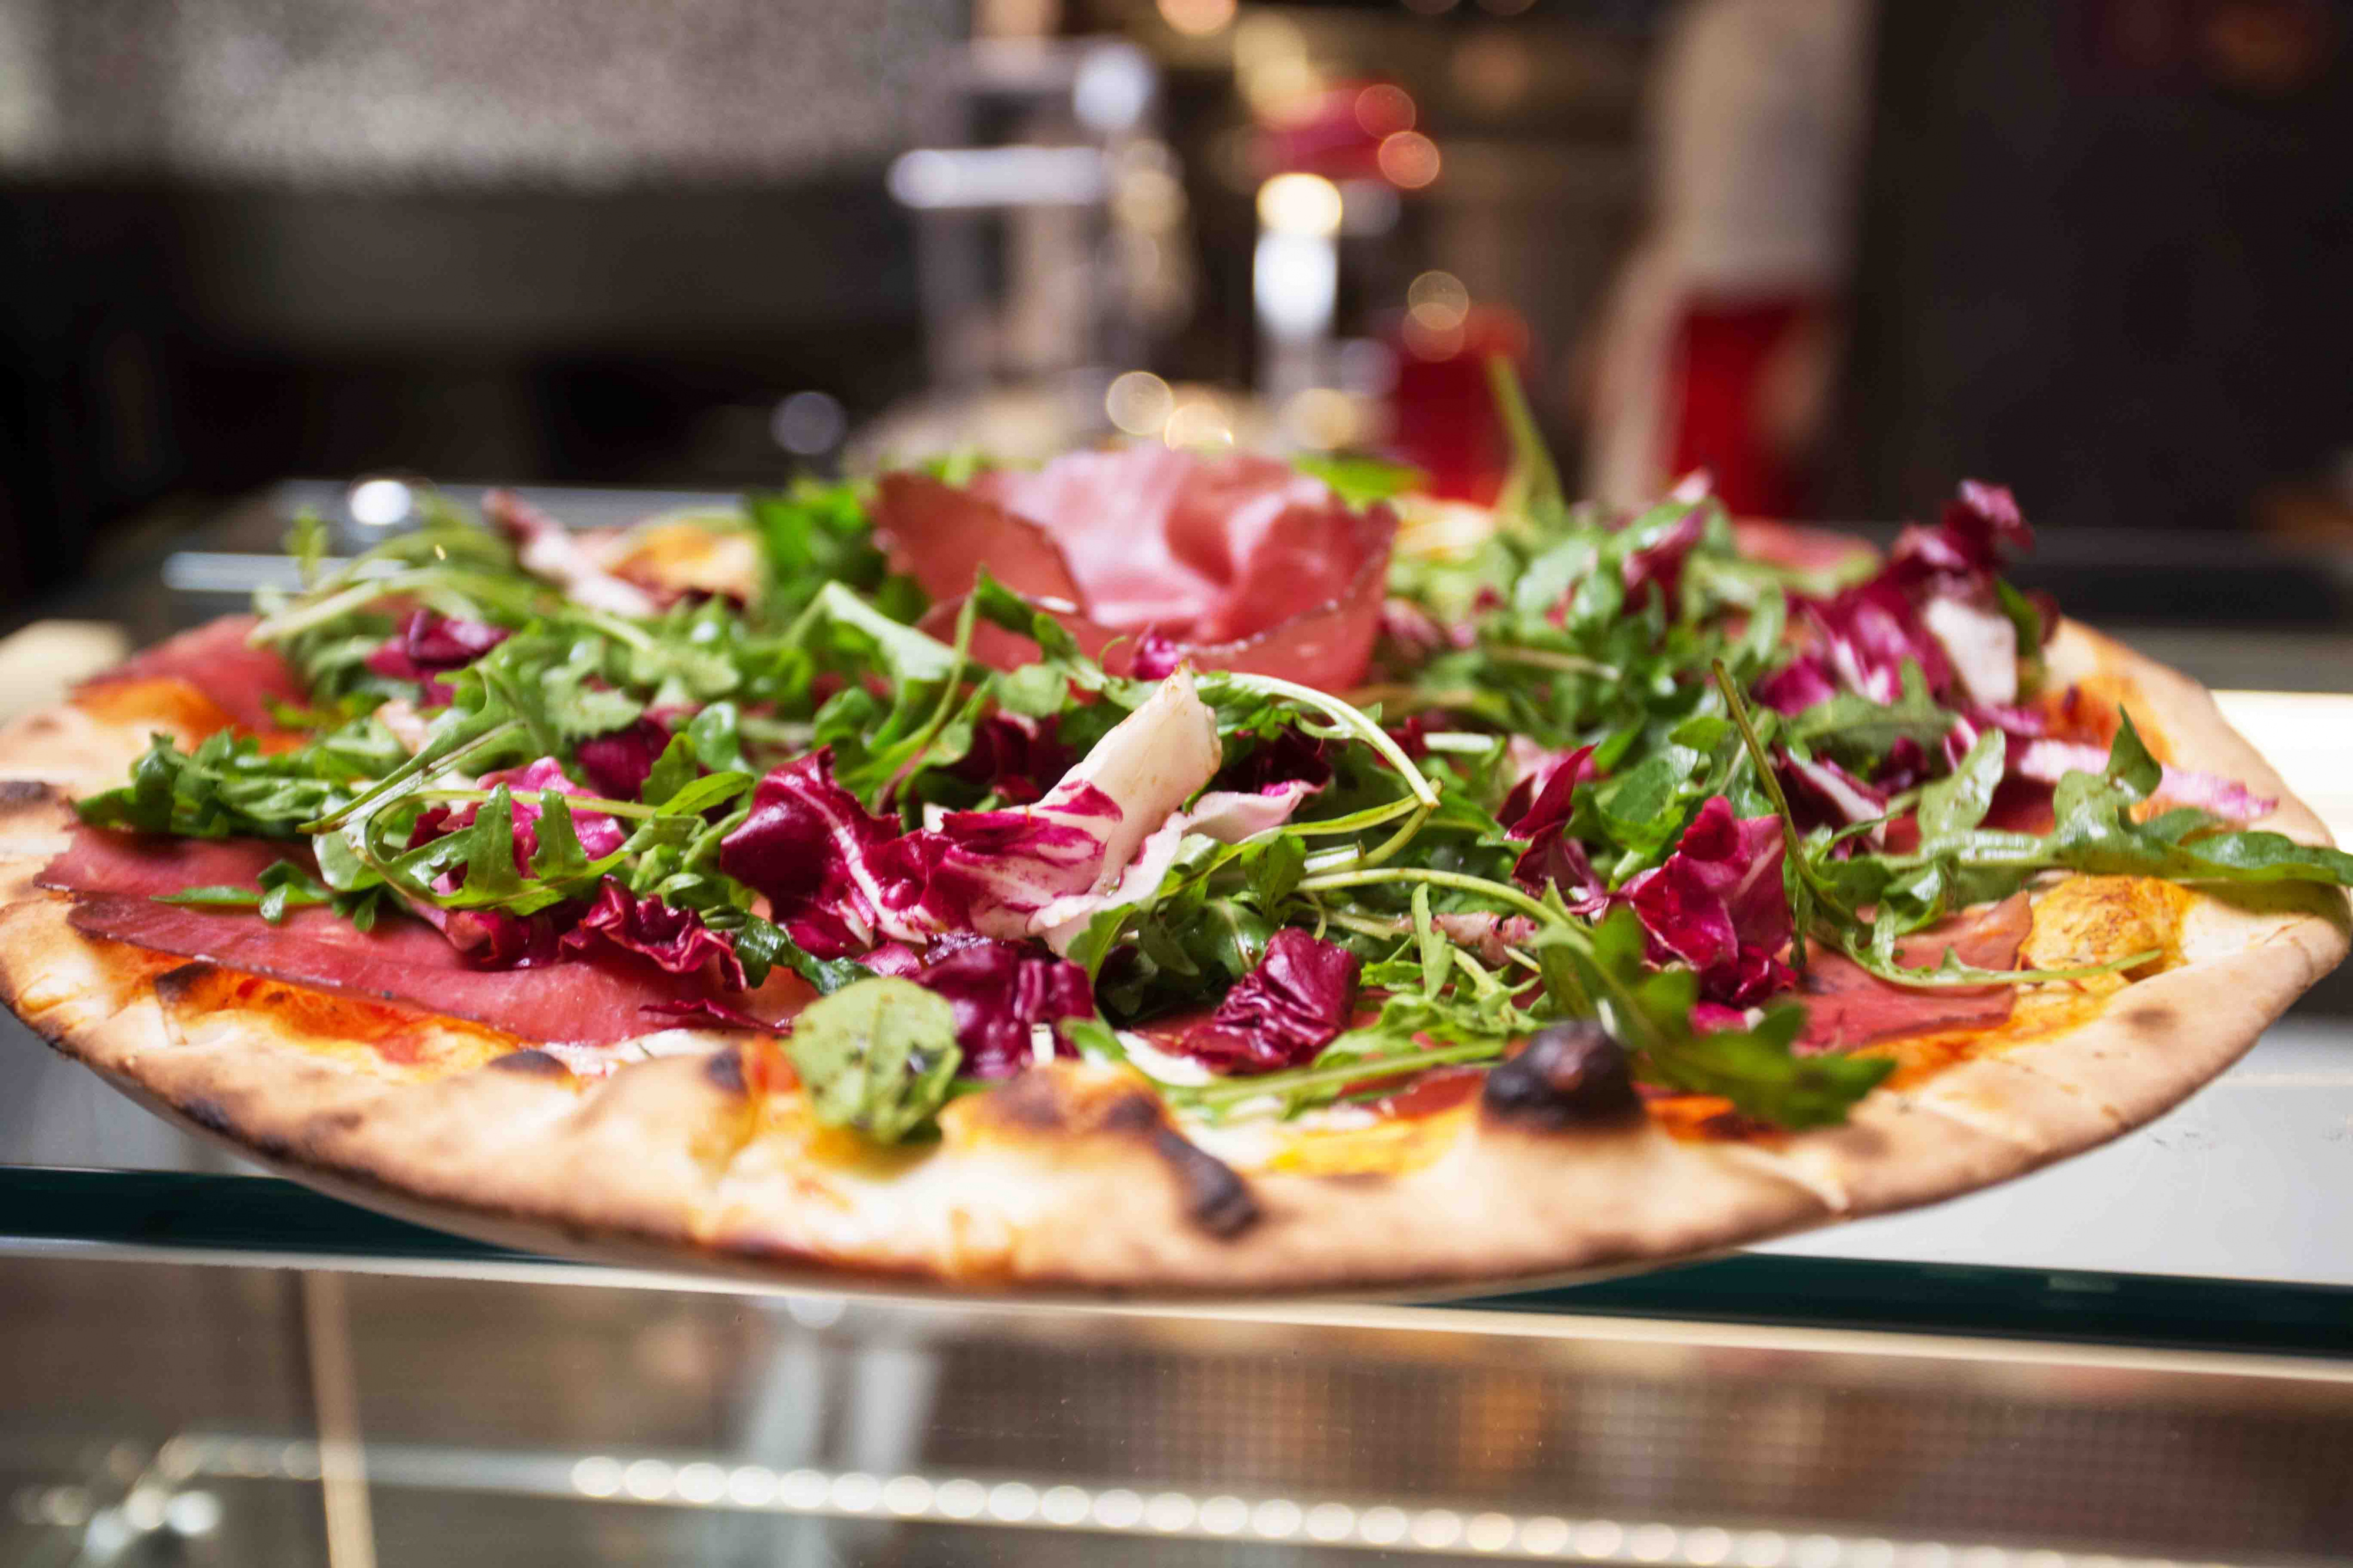 spizzicoteca-michelangelo-ristorante-lugano-pizza